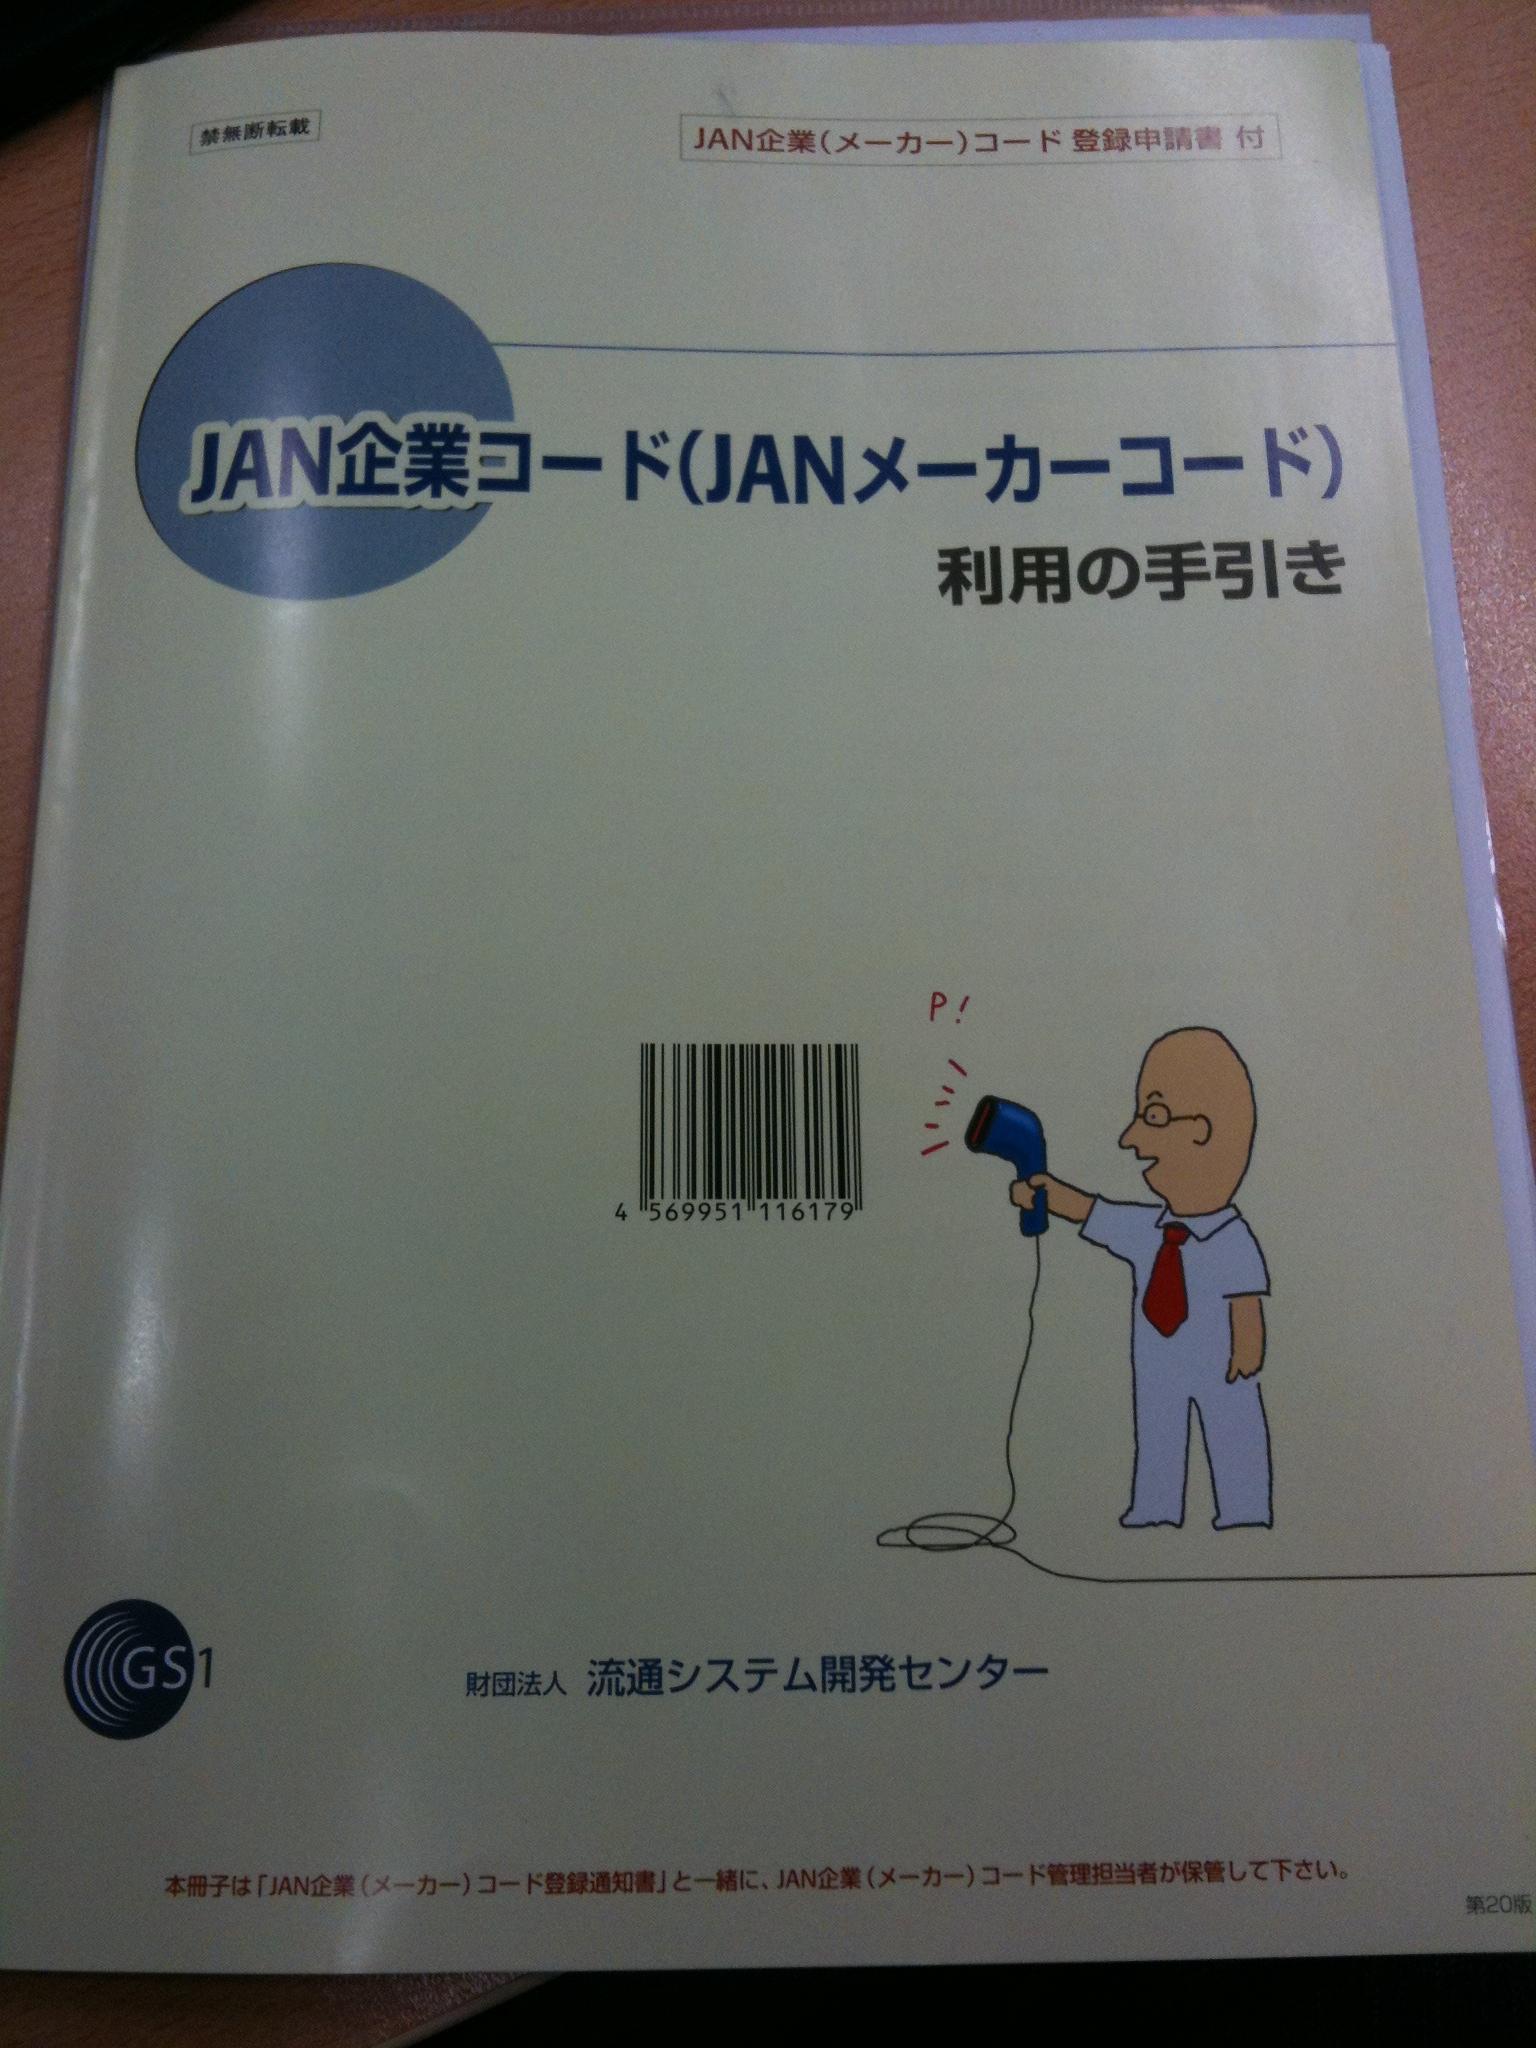 JAN企業コード利用の手引き(申請書)